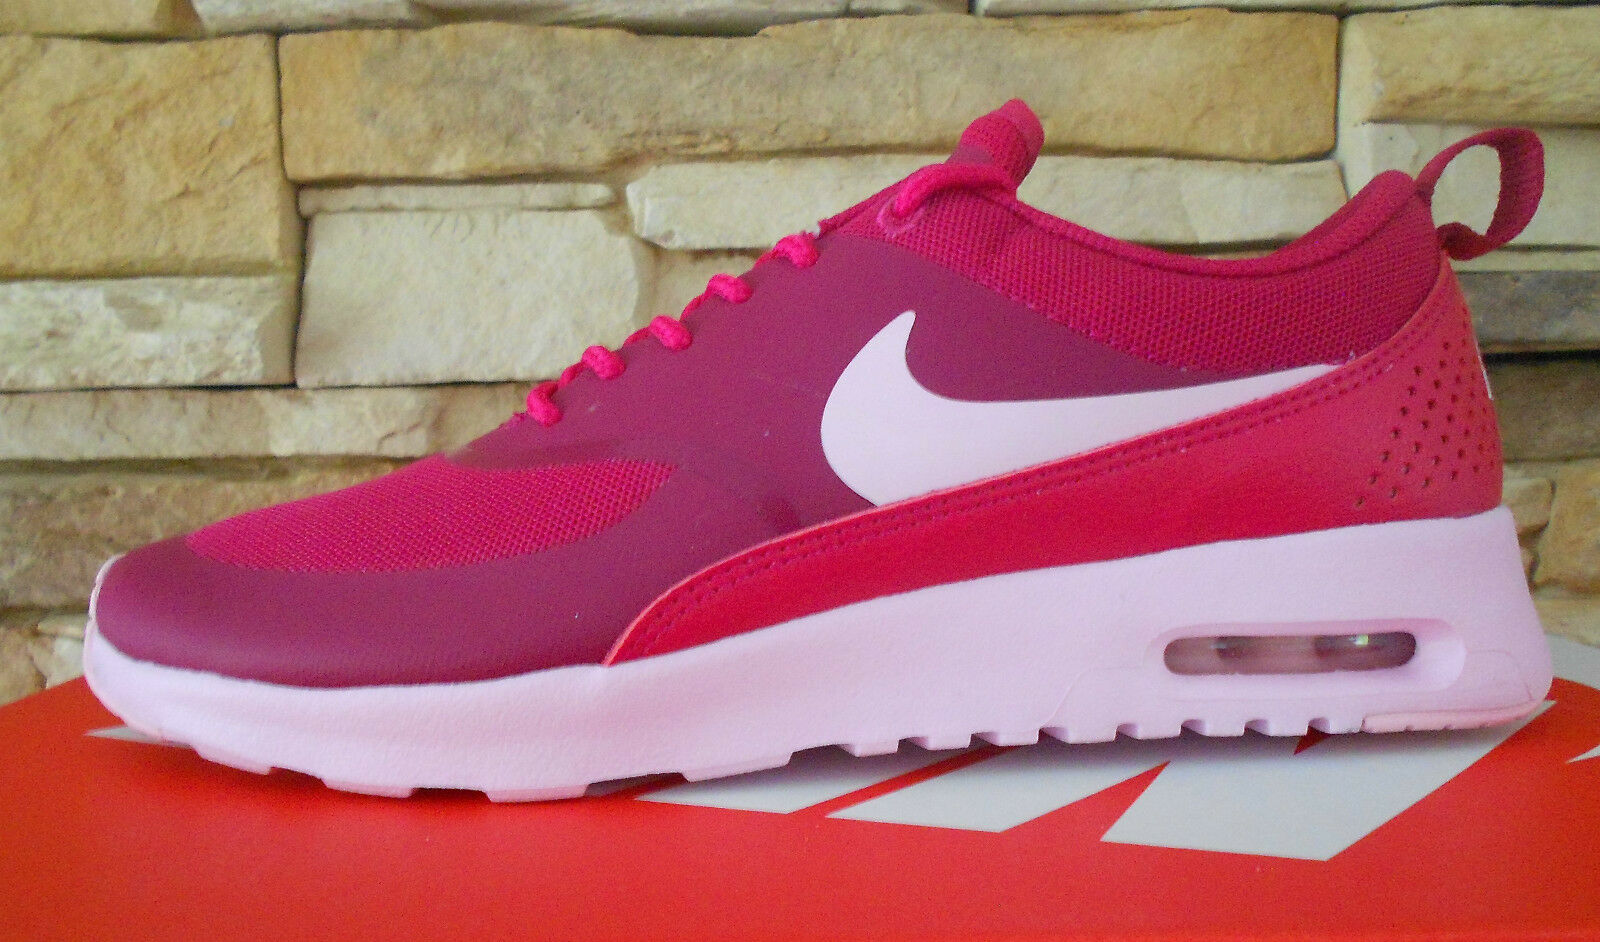 Nike Air Max Thea sportfuchsia/prism pink Gr. 1 38 (US 7) 1 Gr. 90 93 95 97 270 Plus a03e6f